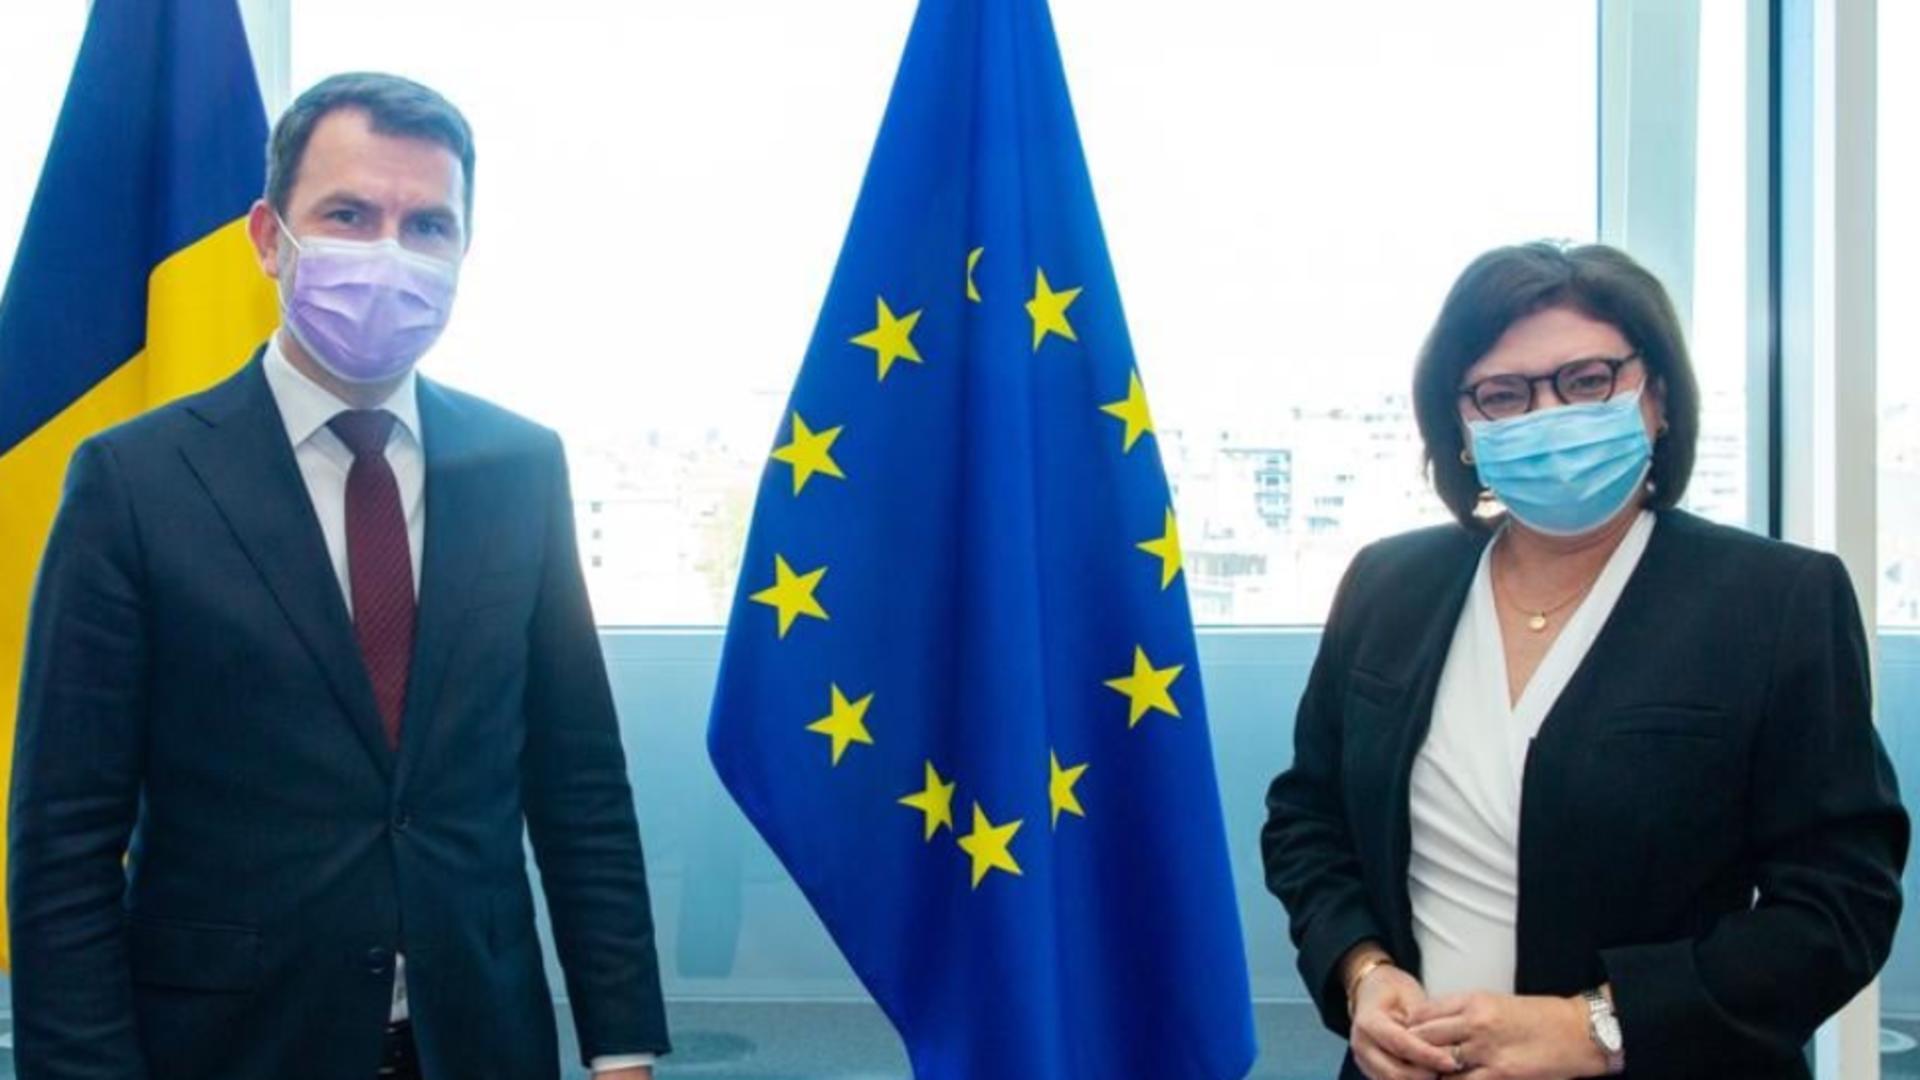 Cătălin Drulă a vorbit cu Bruxelles despre proiectele de infrastructură ale României Foto: Facebook.com